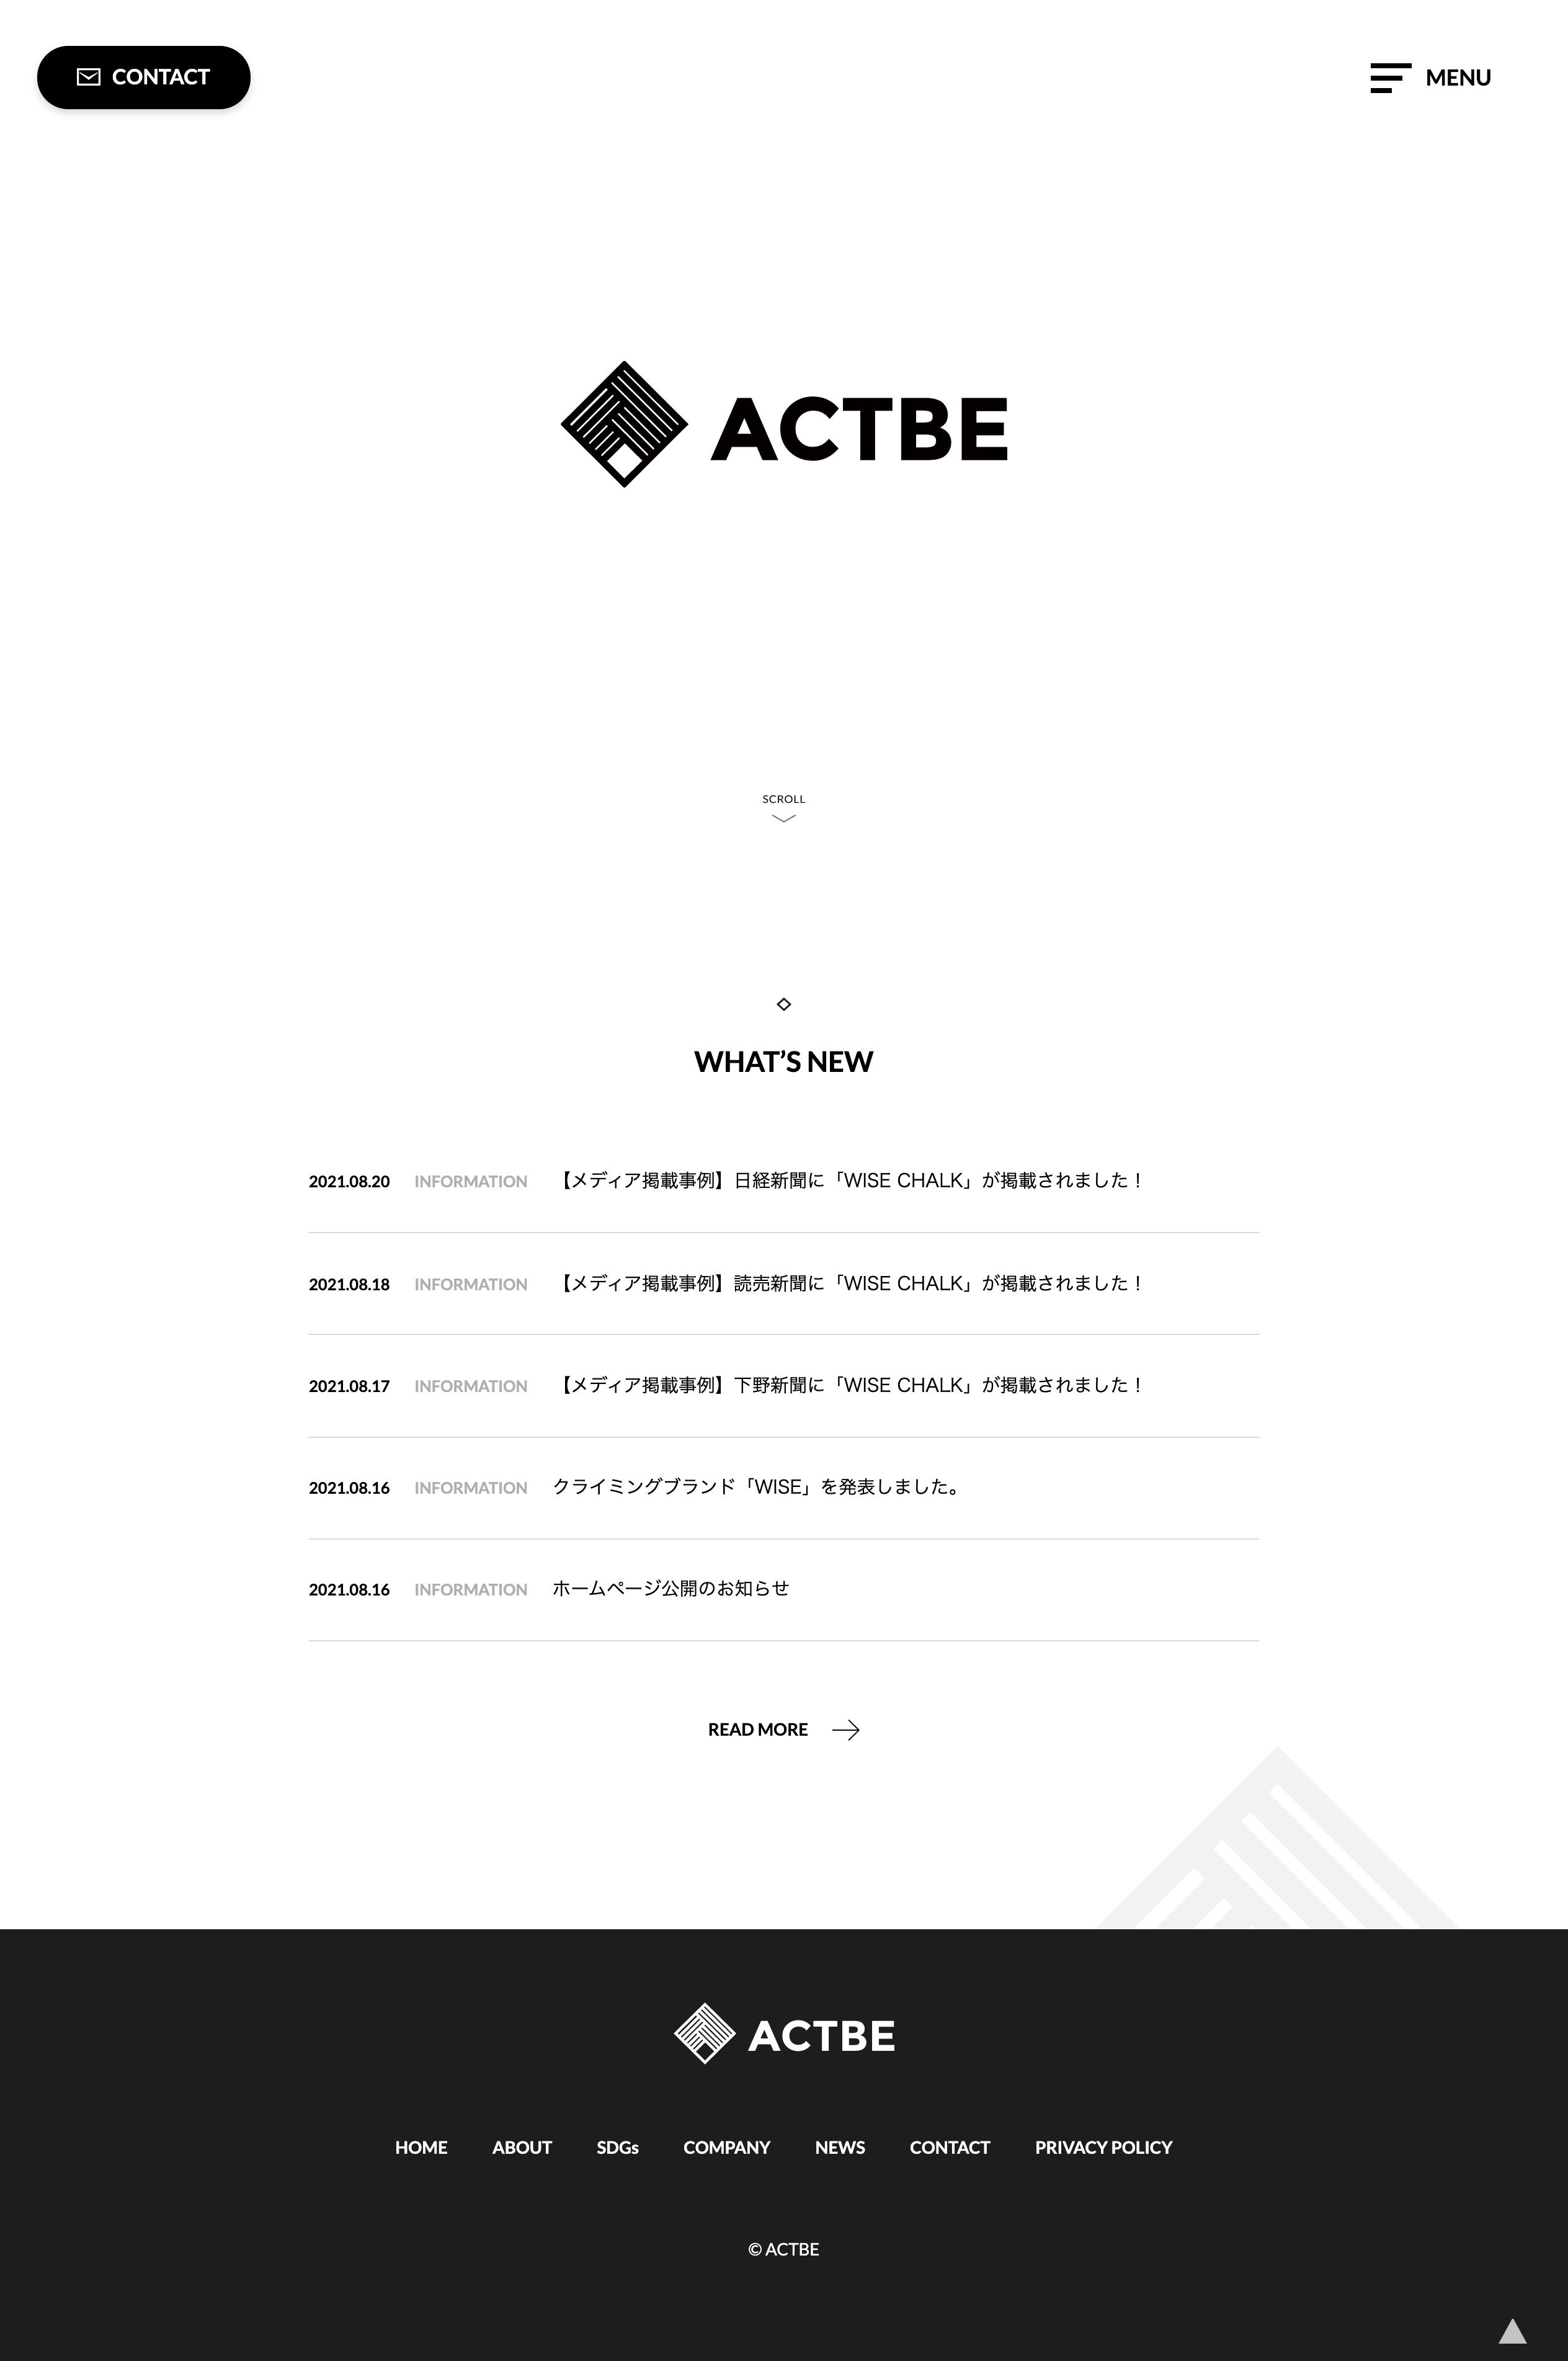 アクトビコーポレートサイト